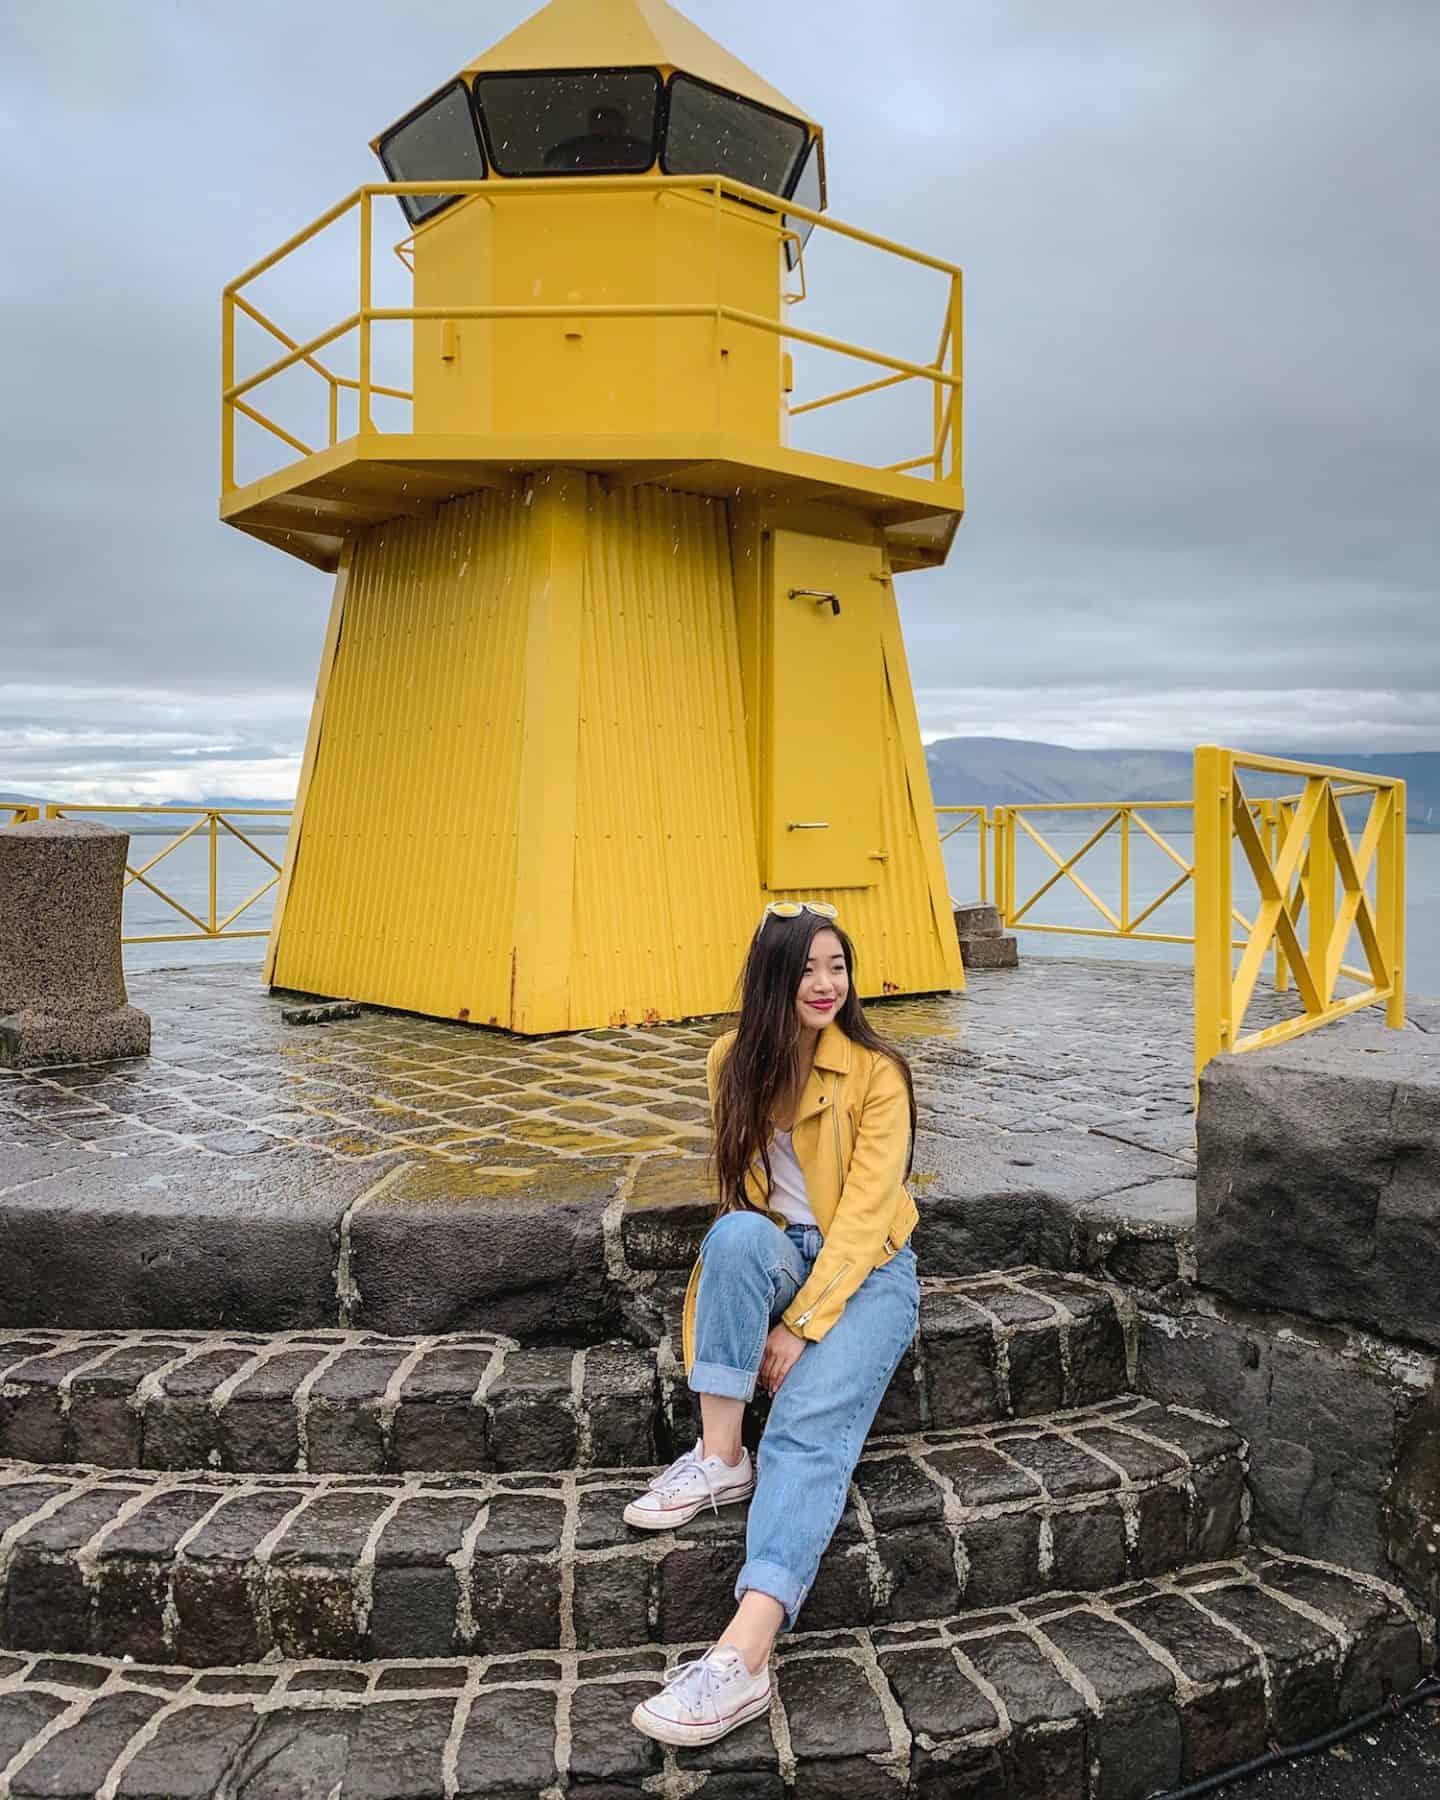 Nordurgardi yellow lighthouse in Reykjavik, Iceland